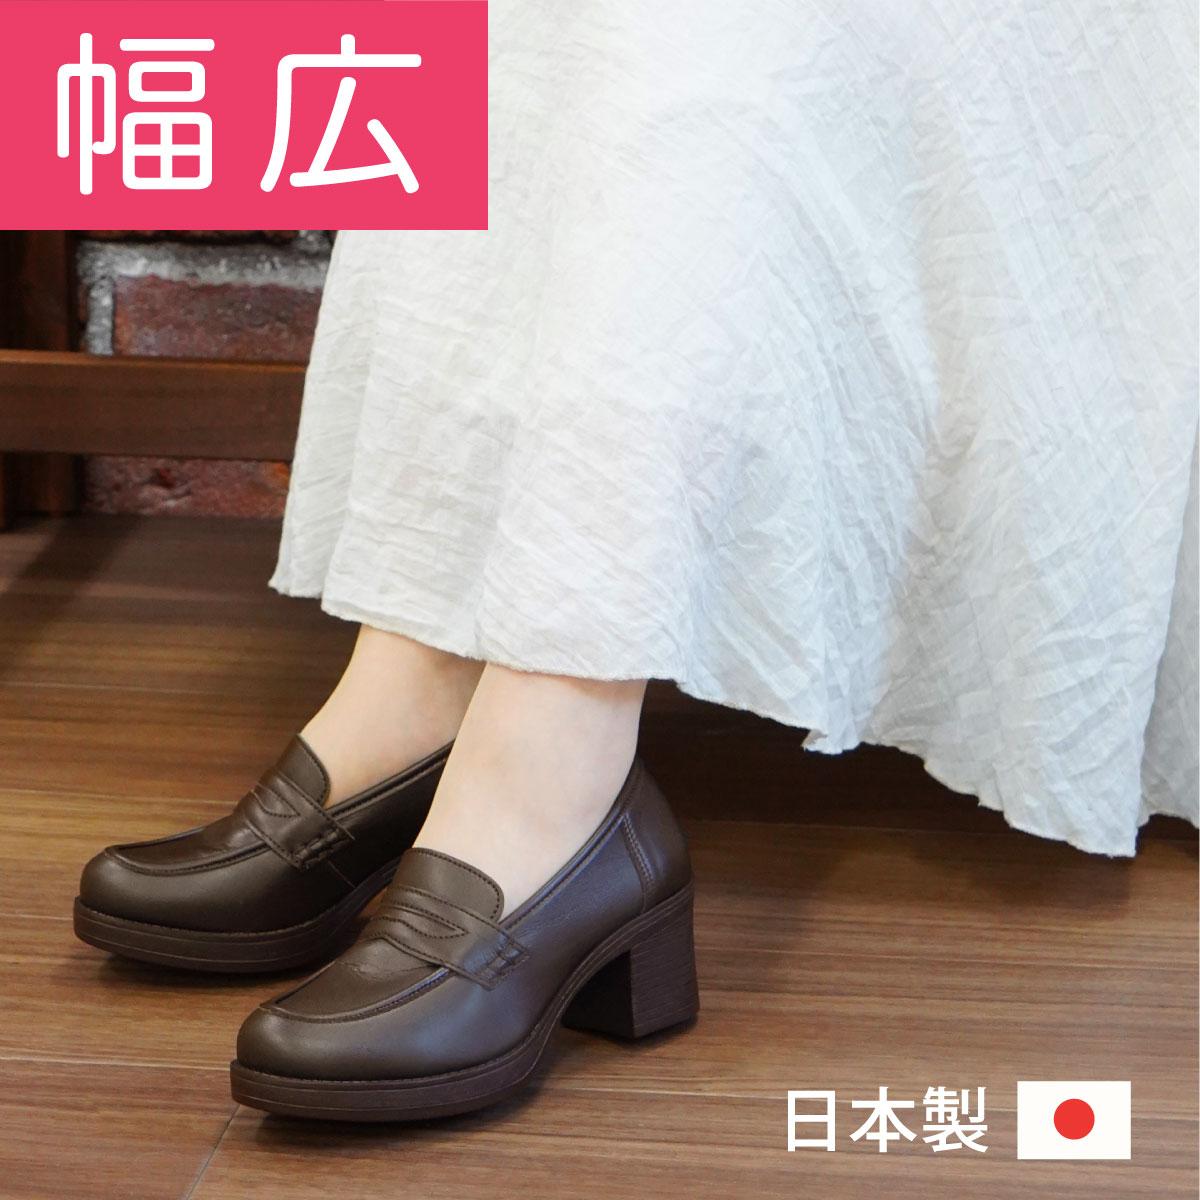 【幅広特注】厚底コインローファー【6.2cmヒール】学生さんだけでなくトラッドスタイルにも靴ずれしないソフト素材★A3307Wベルオリジナル【CSF】